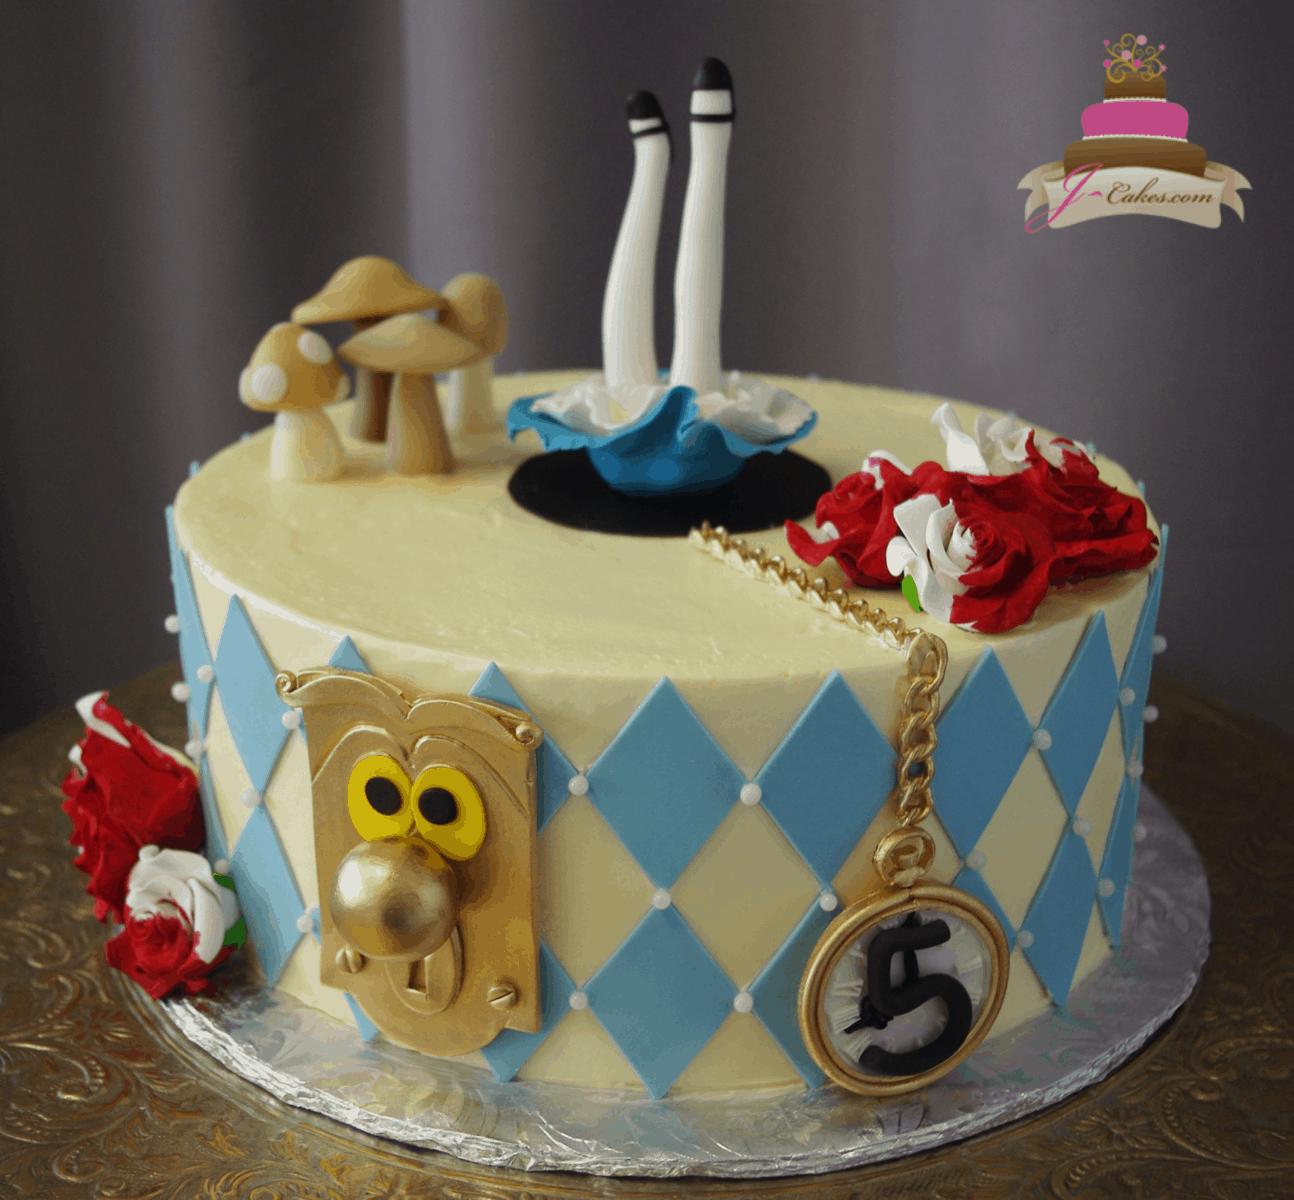 (543) Alice in Wonderland Cake